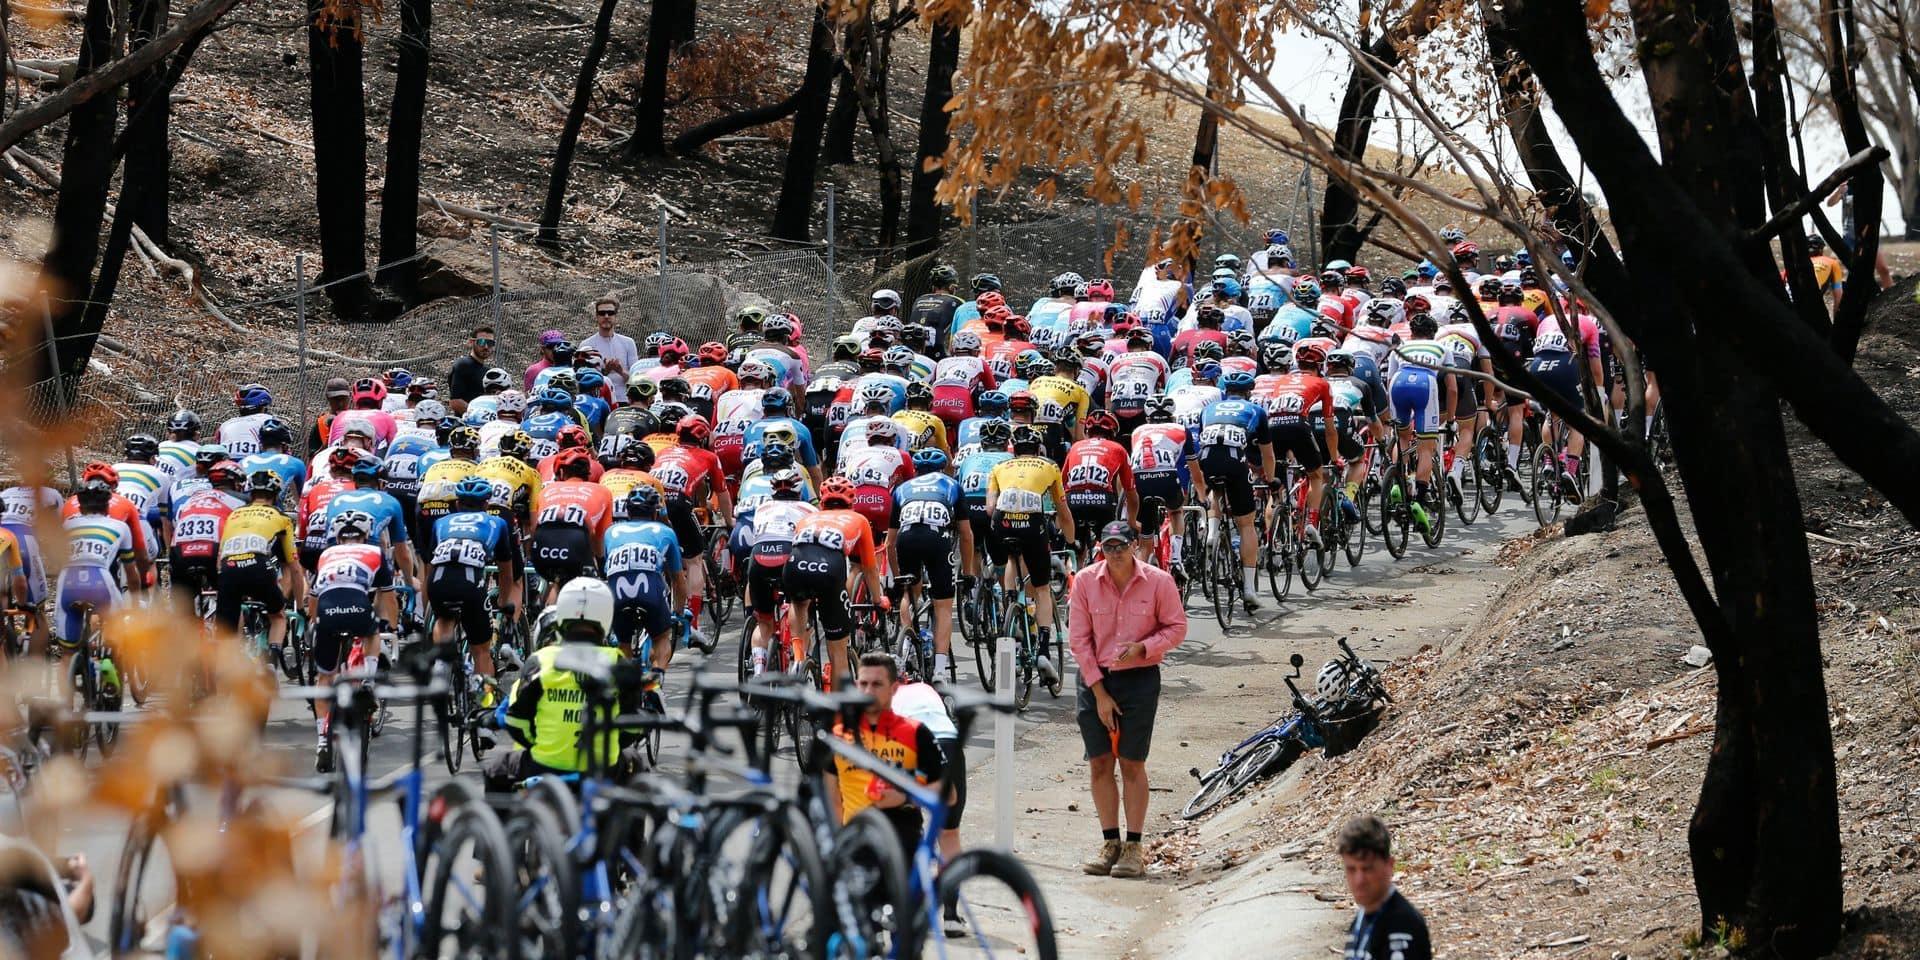 La saison cycliste va bientôt reprendre, mais qui va courir où ?